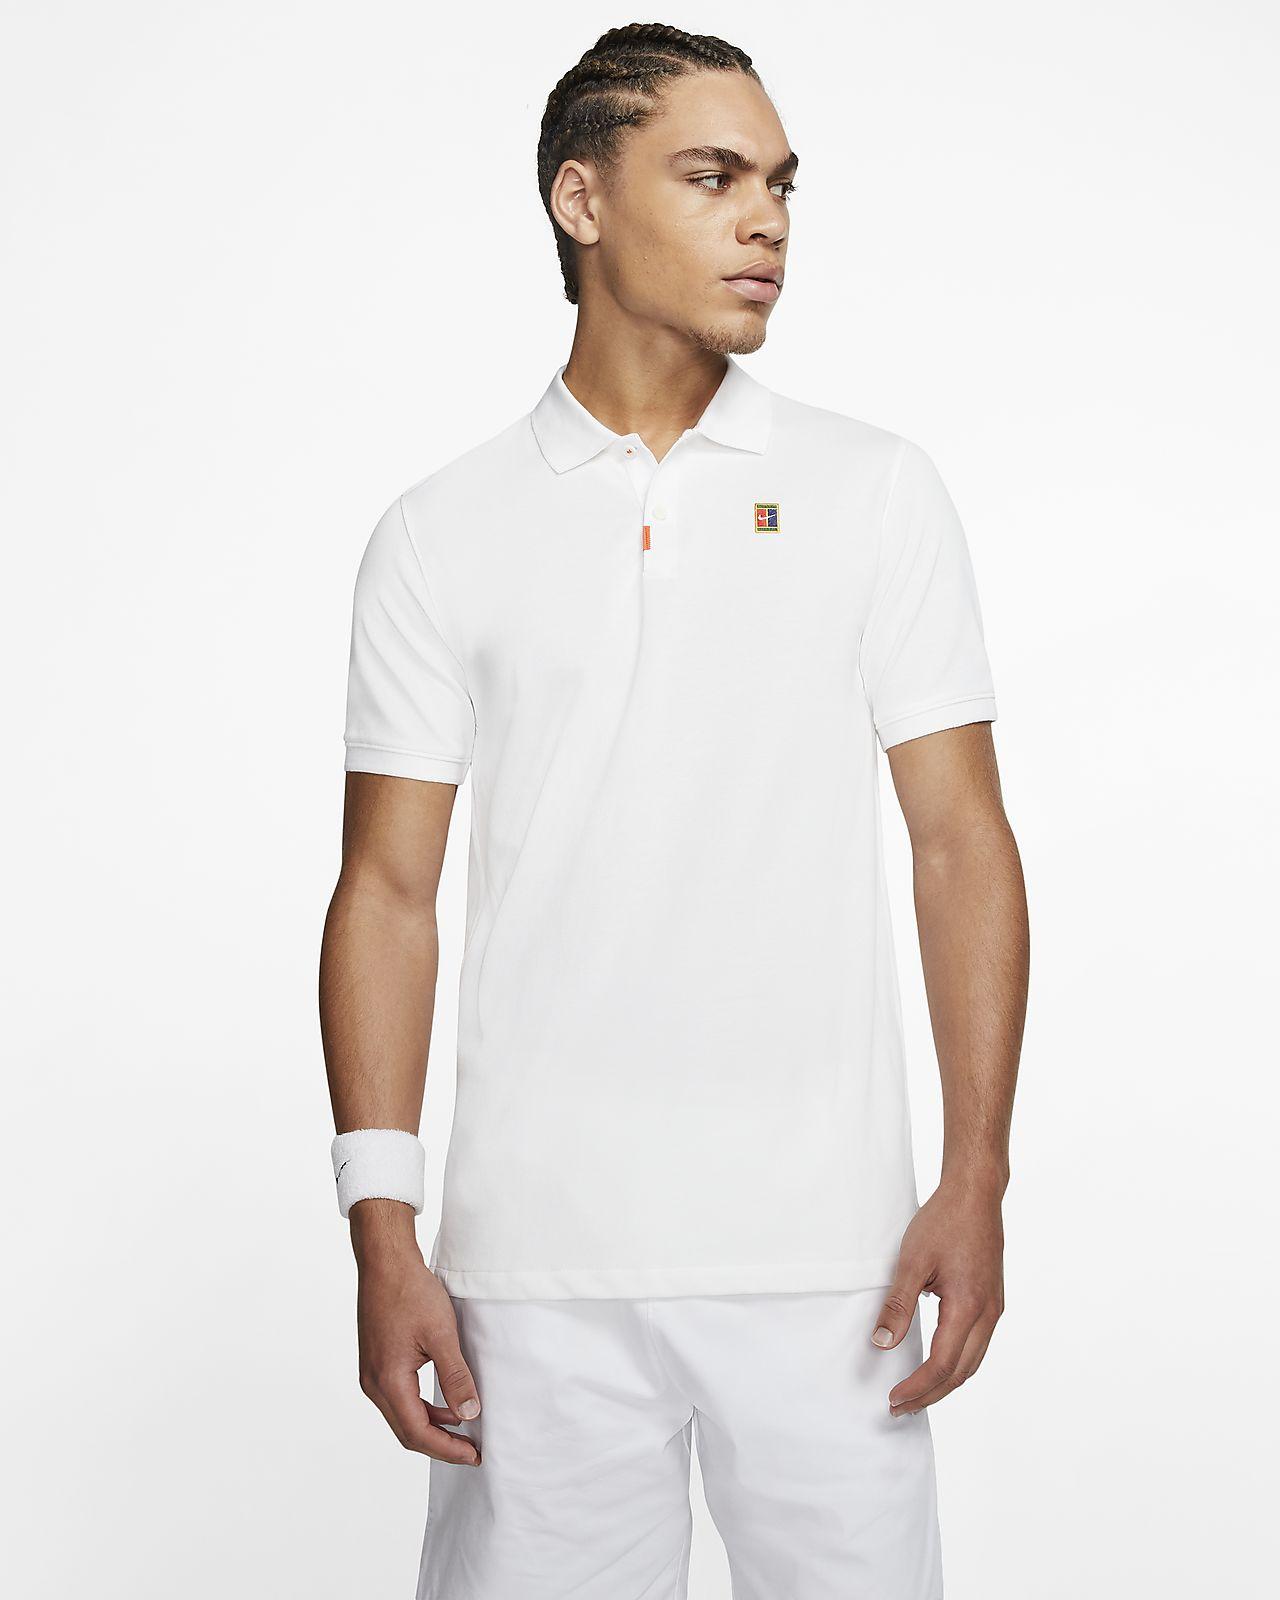 Pánská polokošile The Nike Polo vzeštíhleném střihu